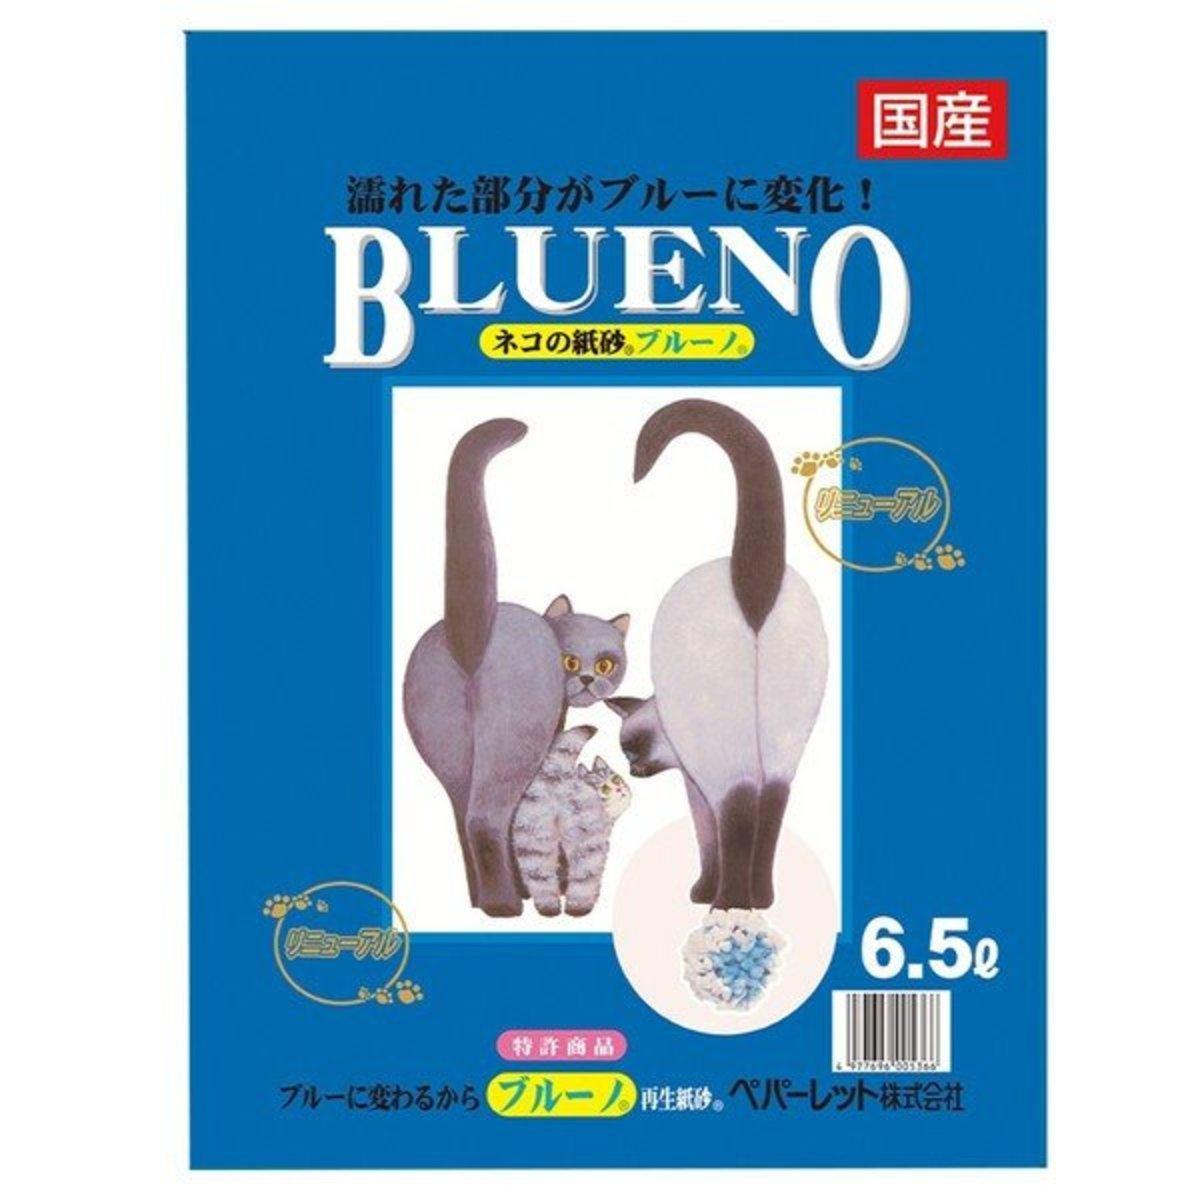 日本BLUENO變藍再生紙砂 原味 6.5L